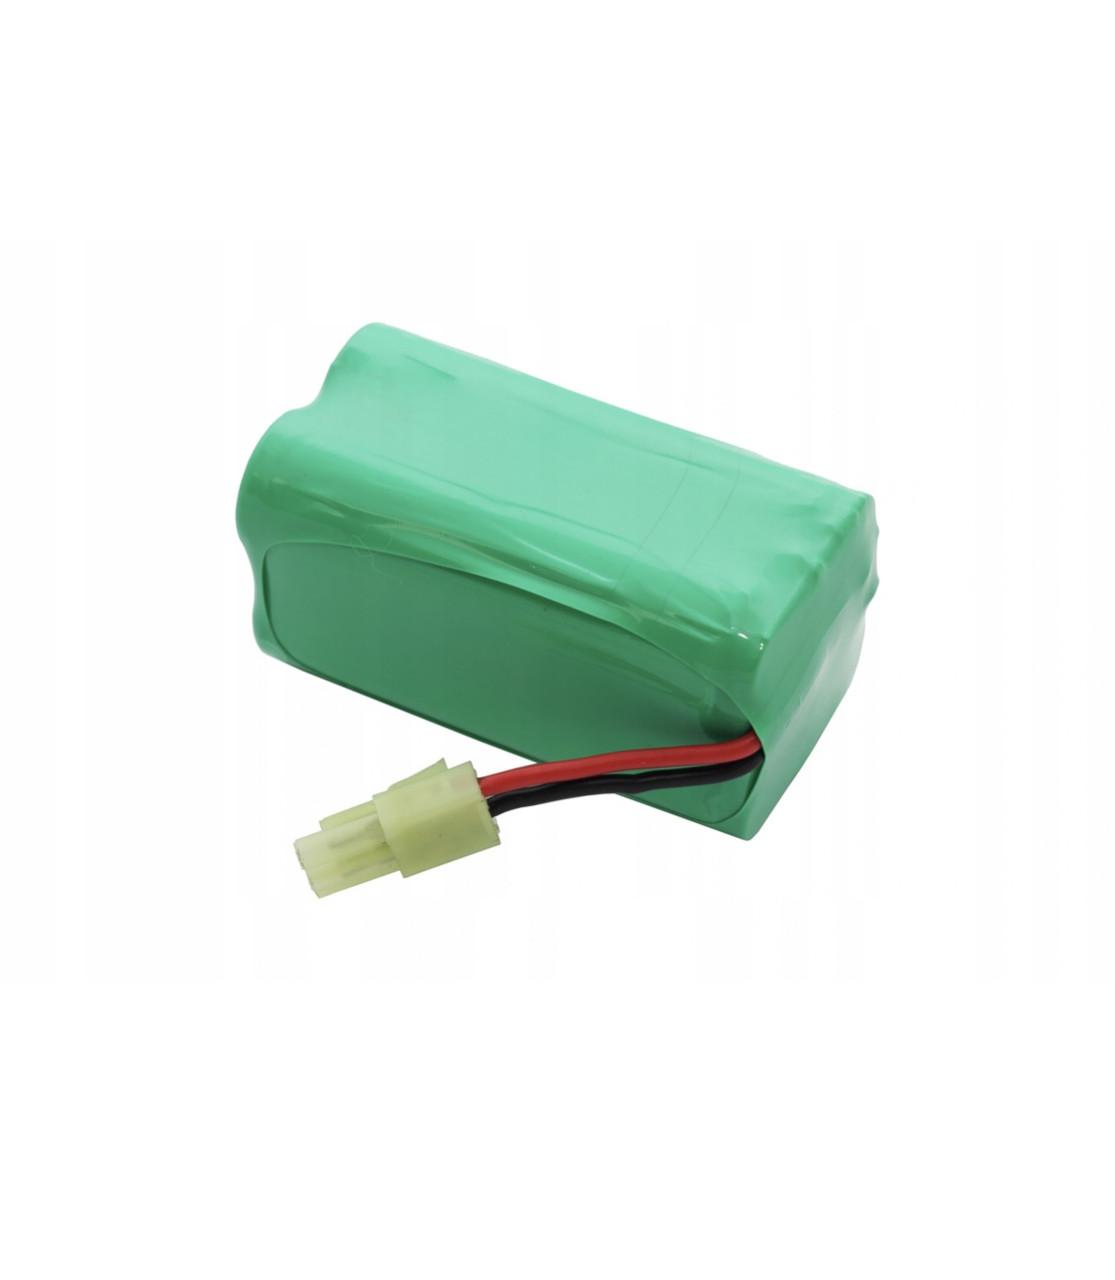 Аккумулятор для пылесоса Robojet Duel 14 4v 2600 mAh